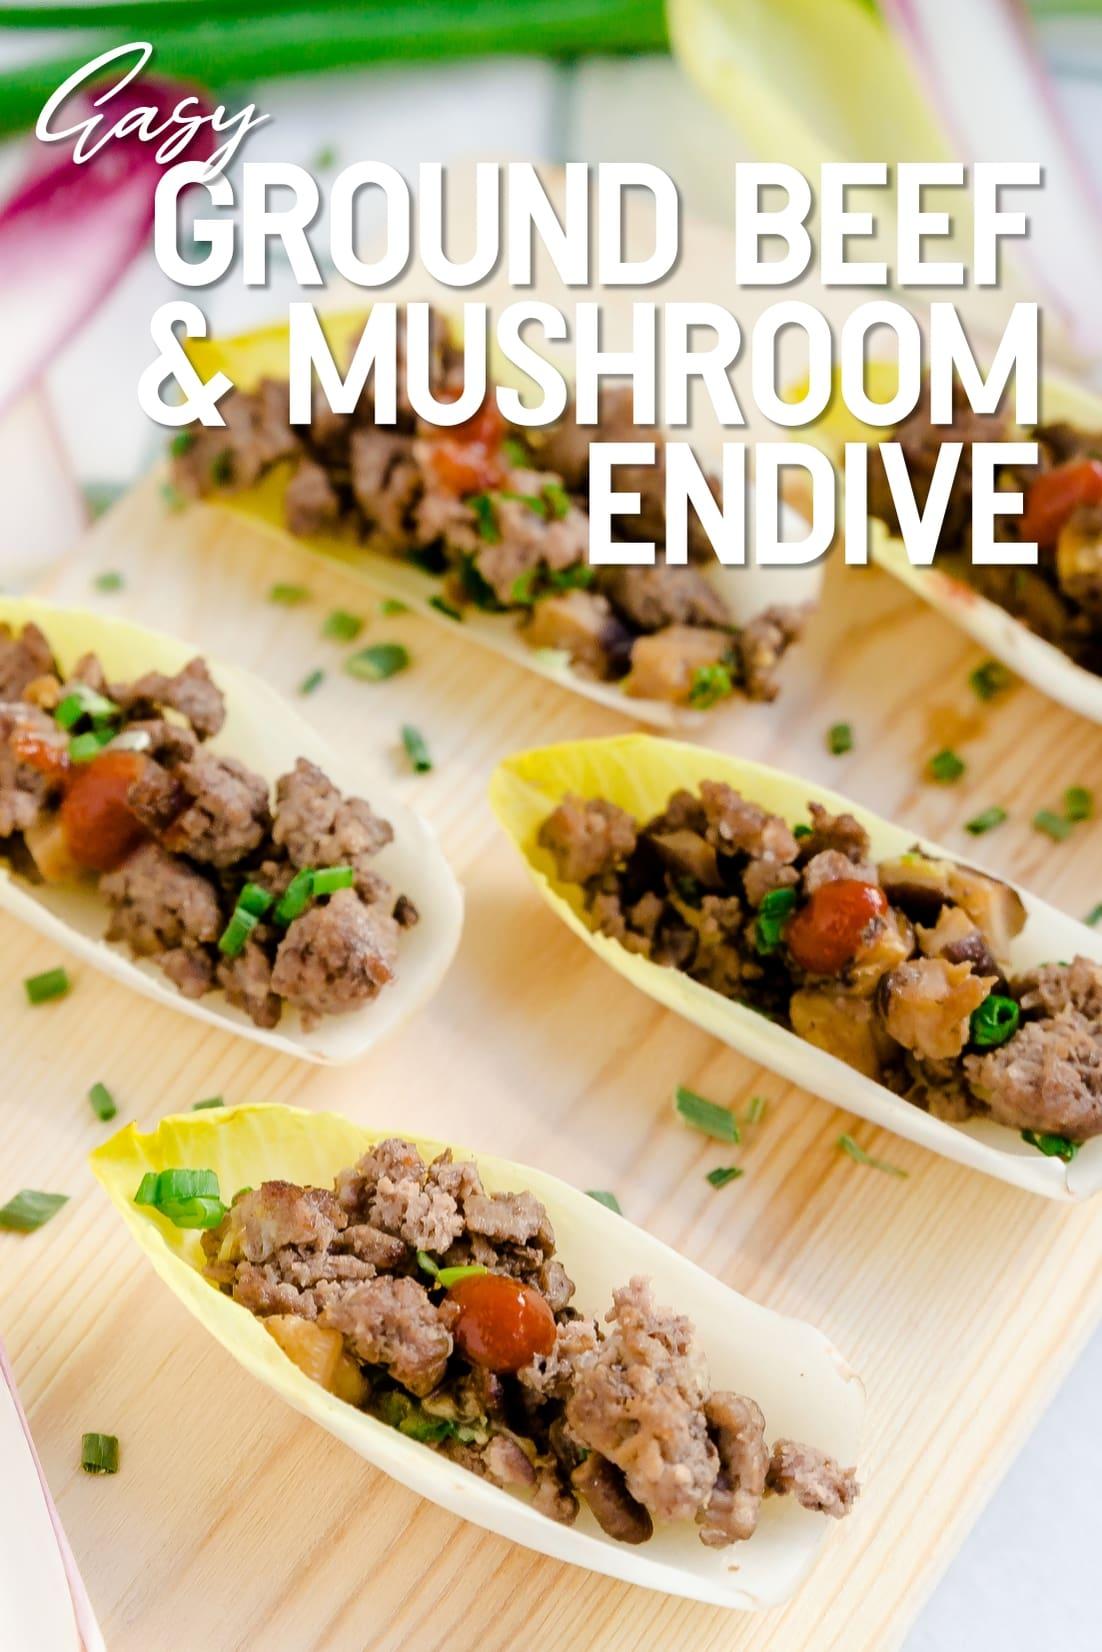 Ground Beef & Mushroom Endive Top Down